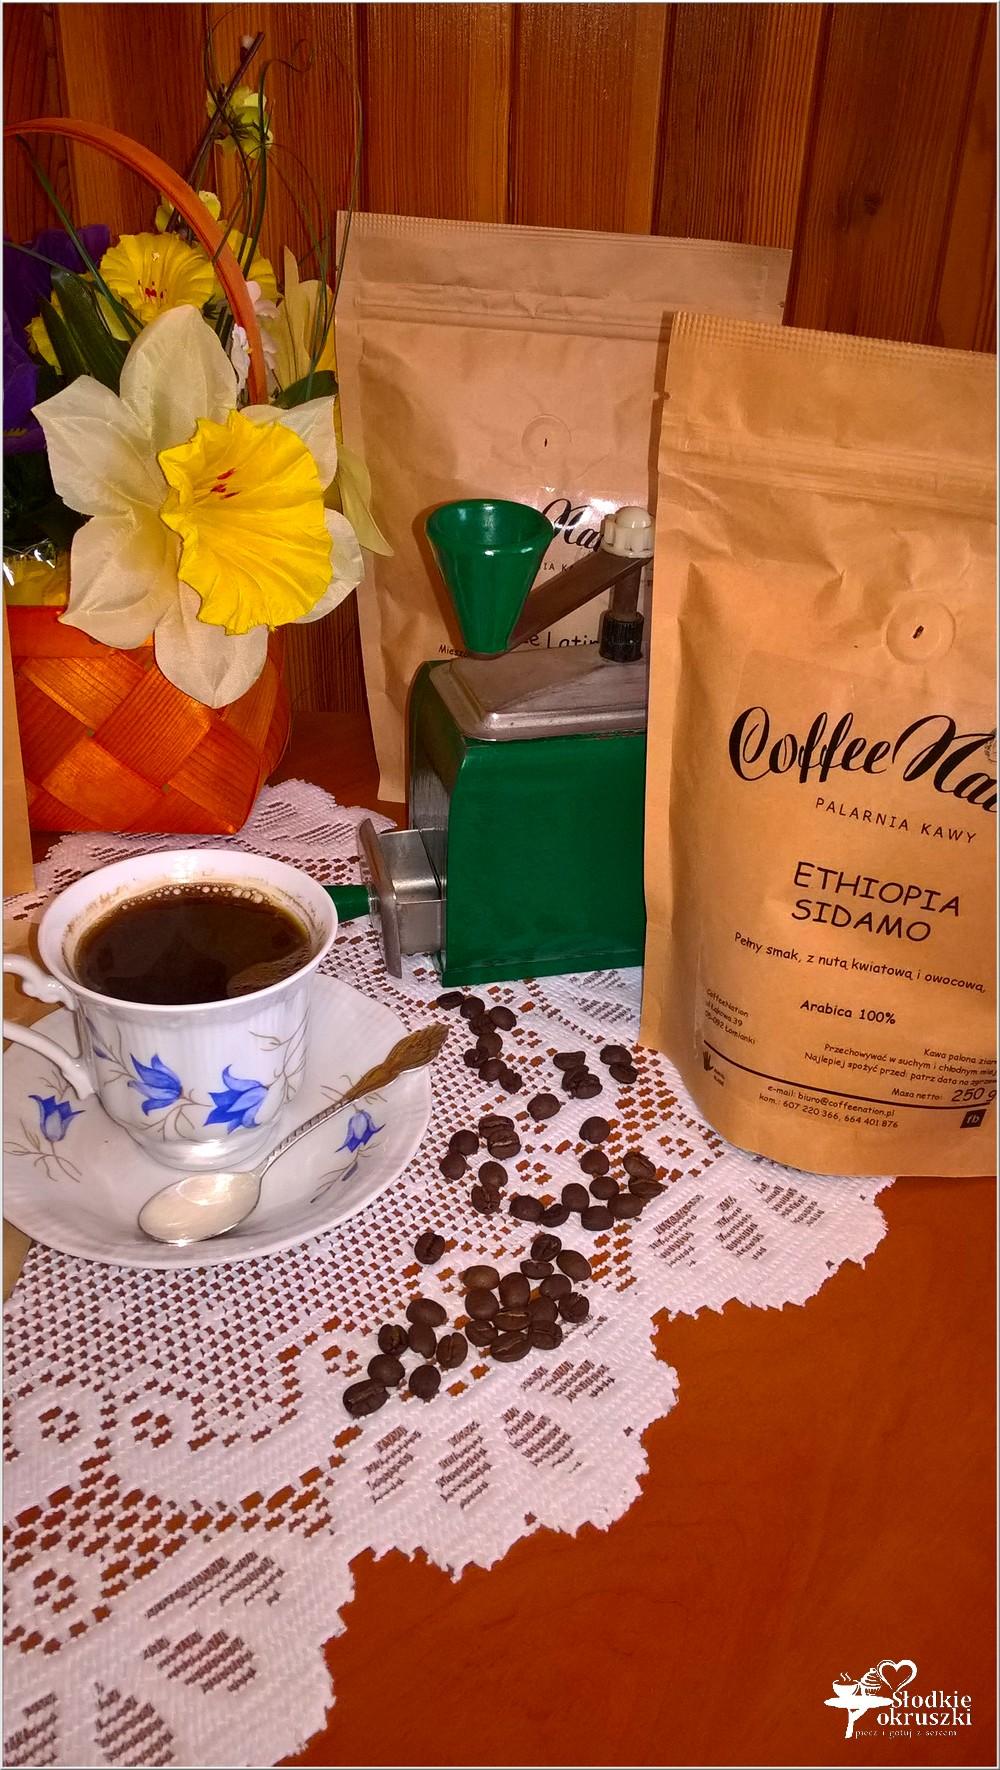 kawa z palarni CoffeNation (3)